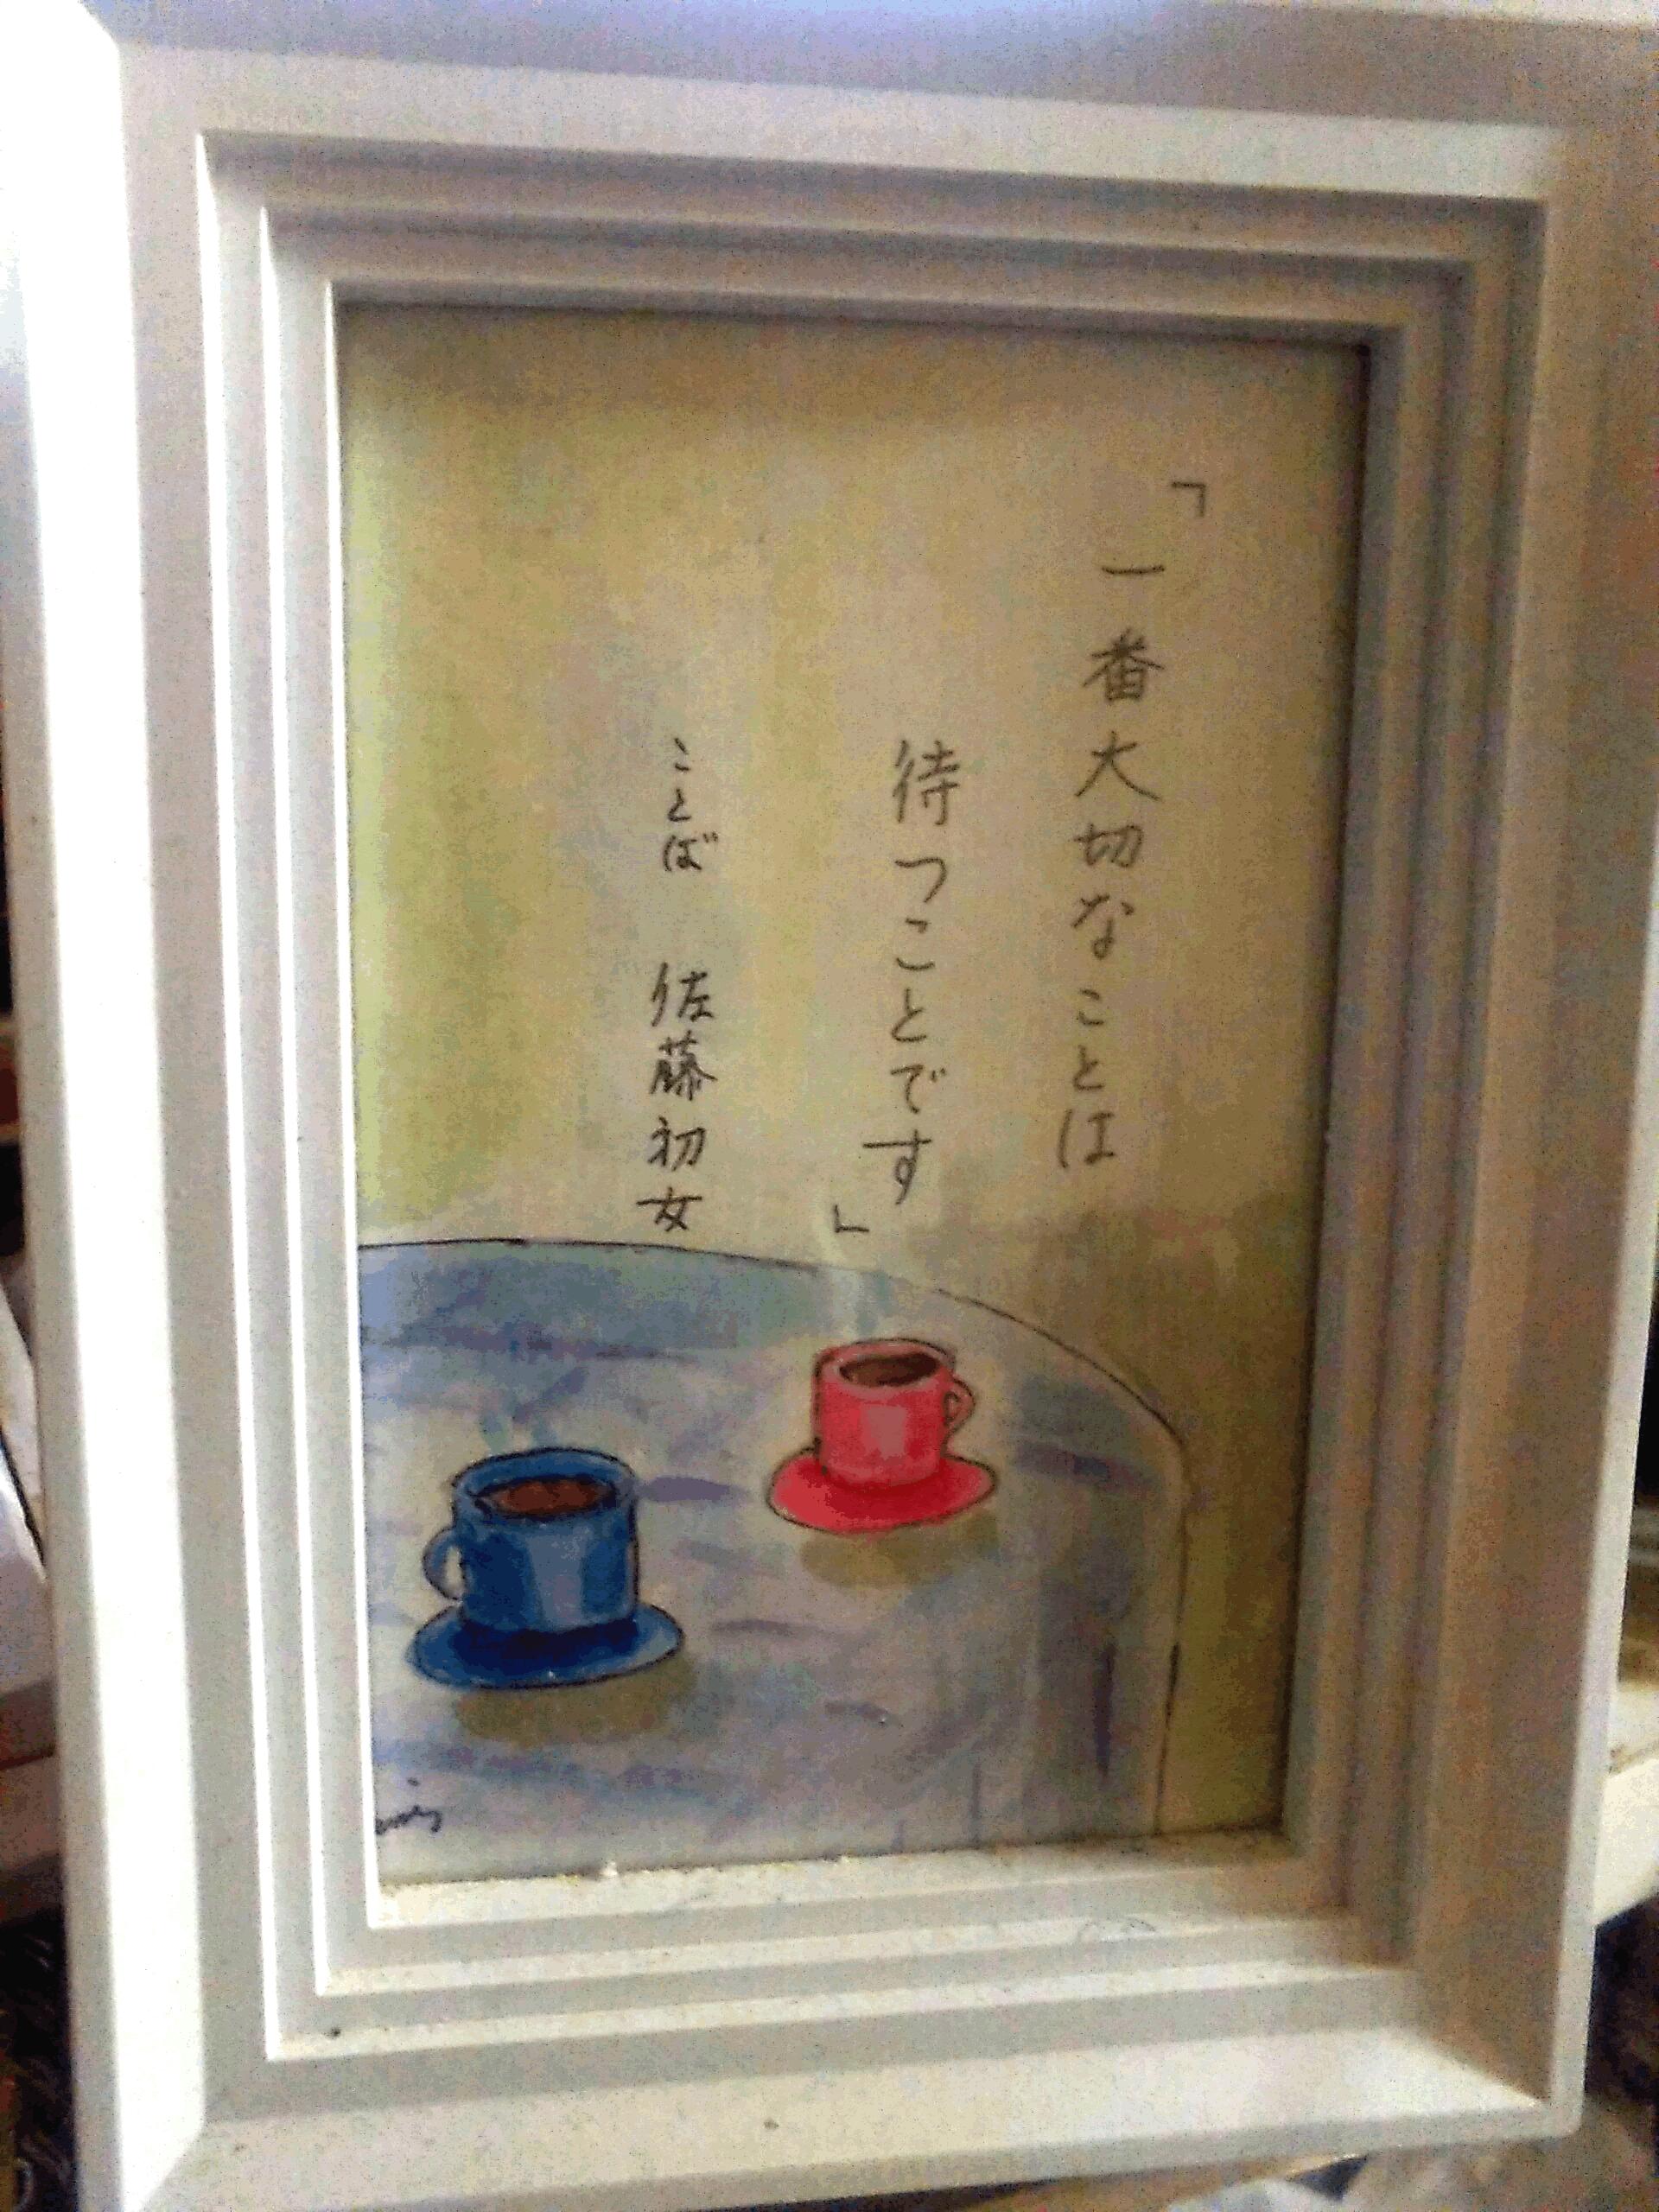 20180929011351 - 初女先生命日